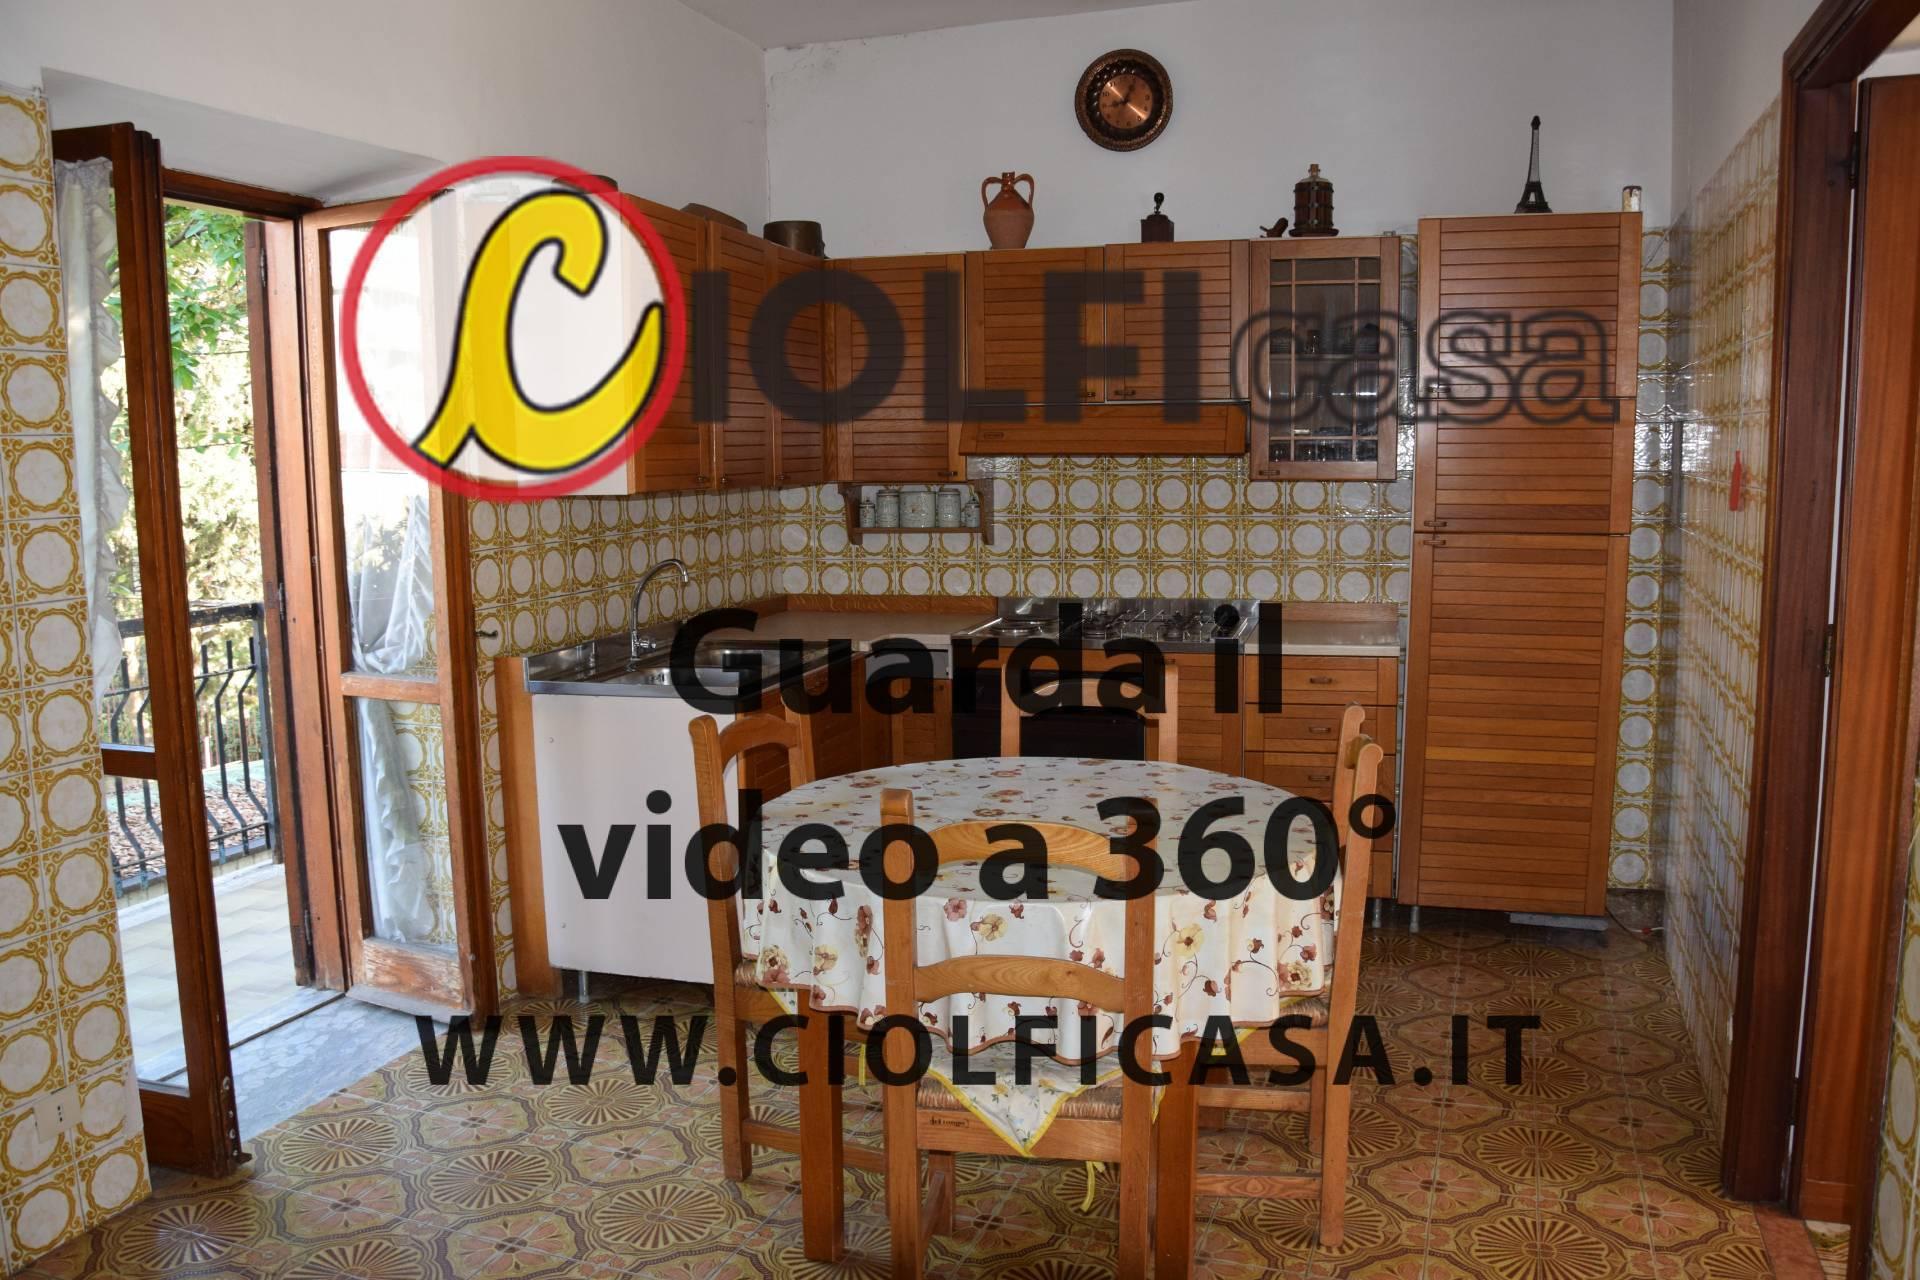 Appartamento in vendita a Cassino, 3 locali, zona Località: SanGiovanni, prezzo € 69.000   CambioCasa.it